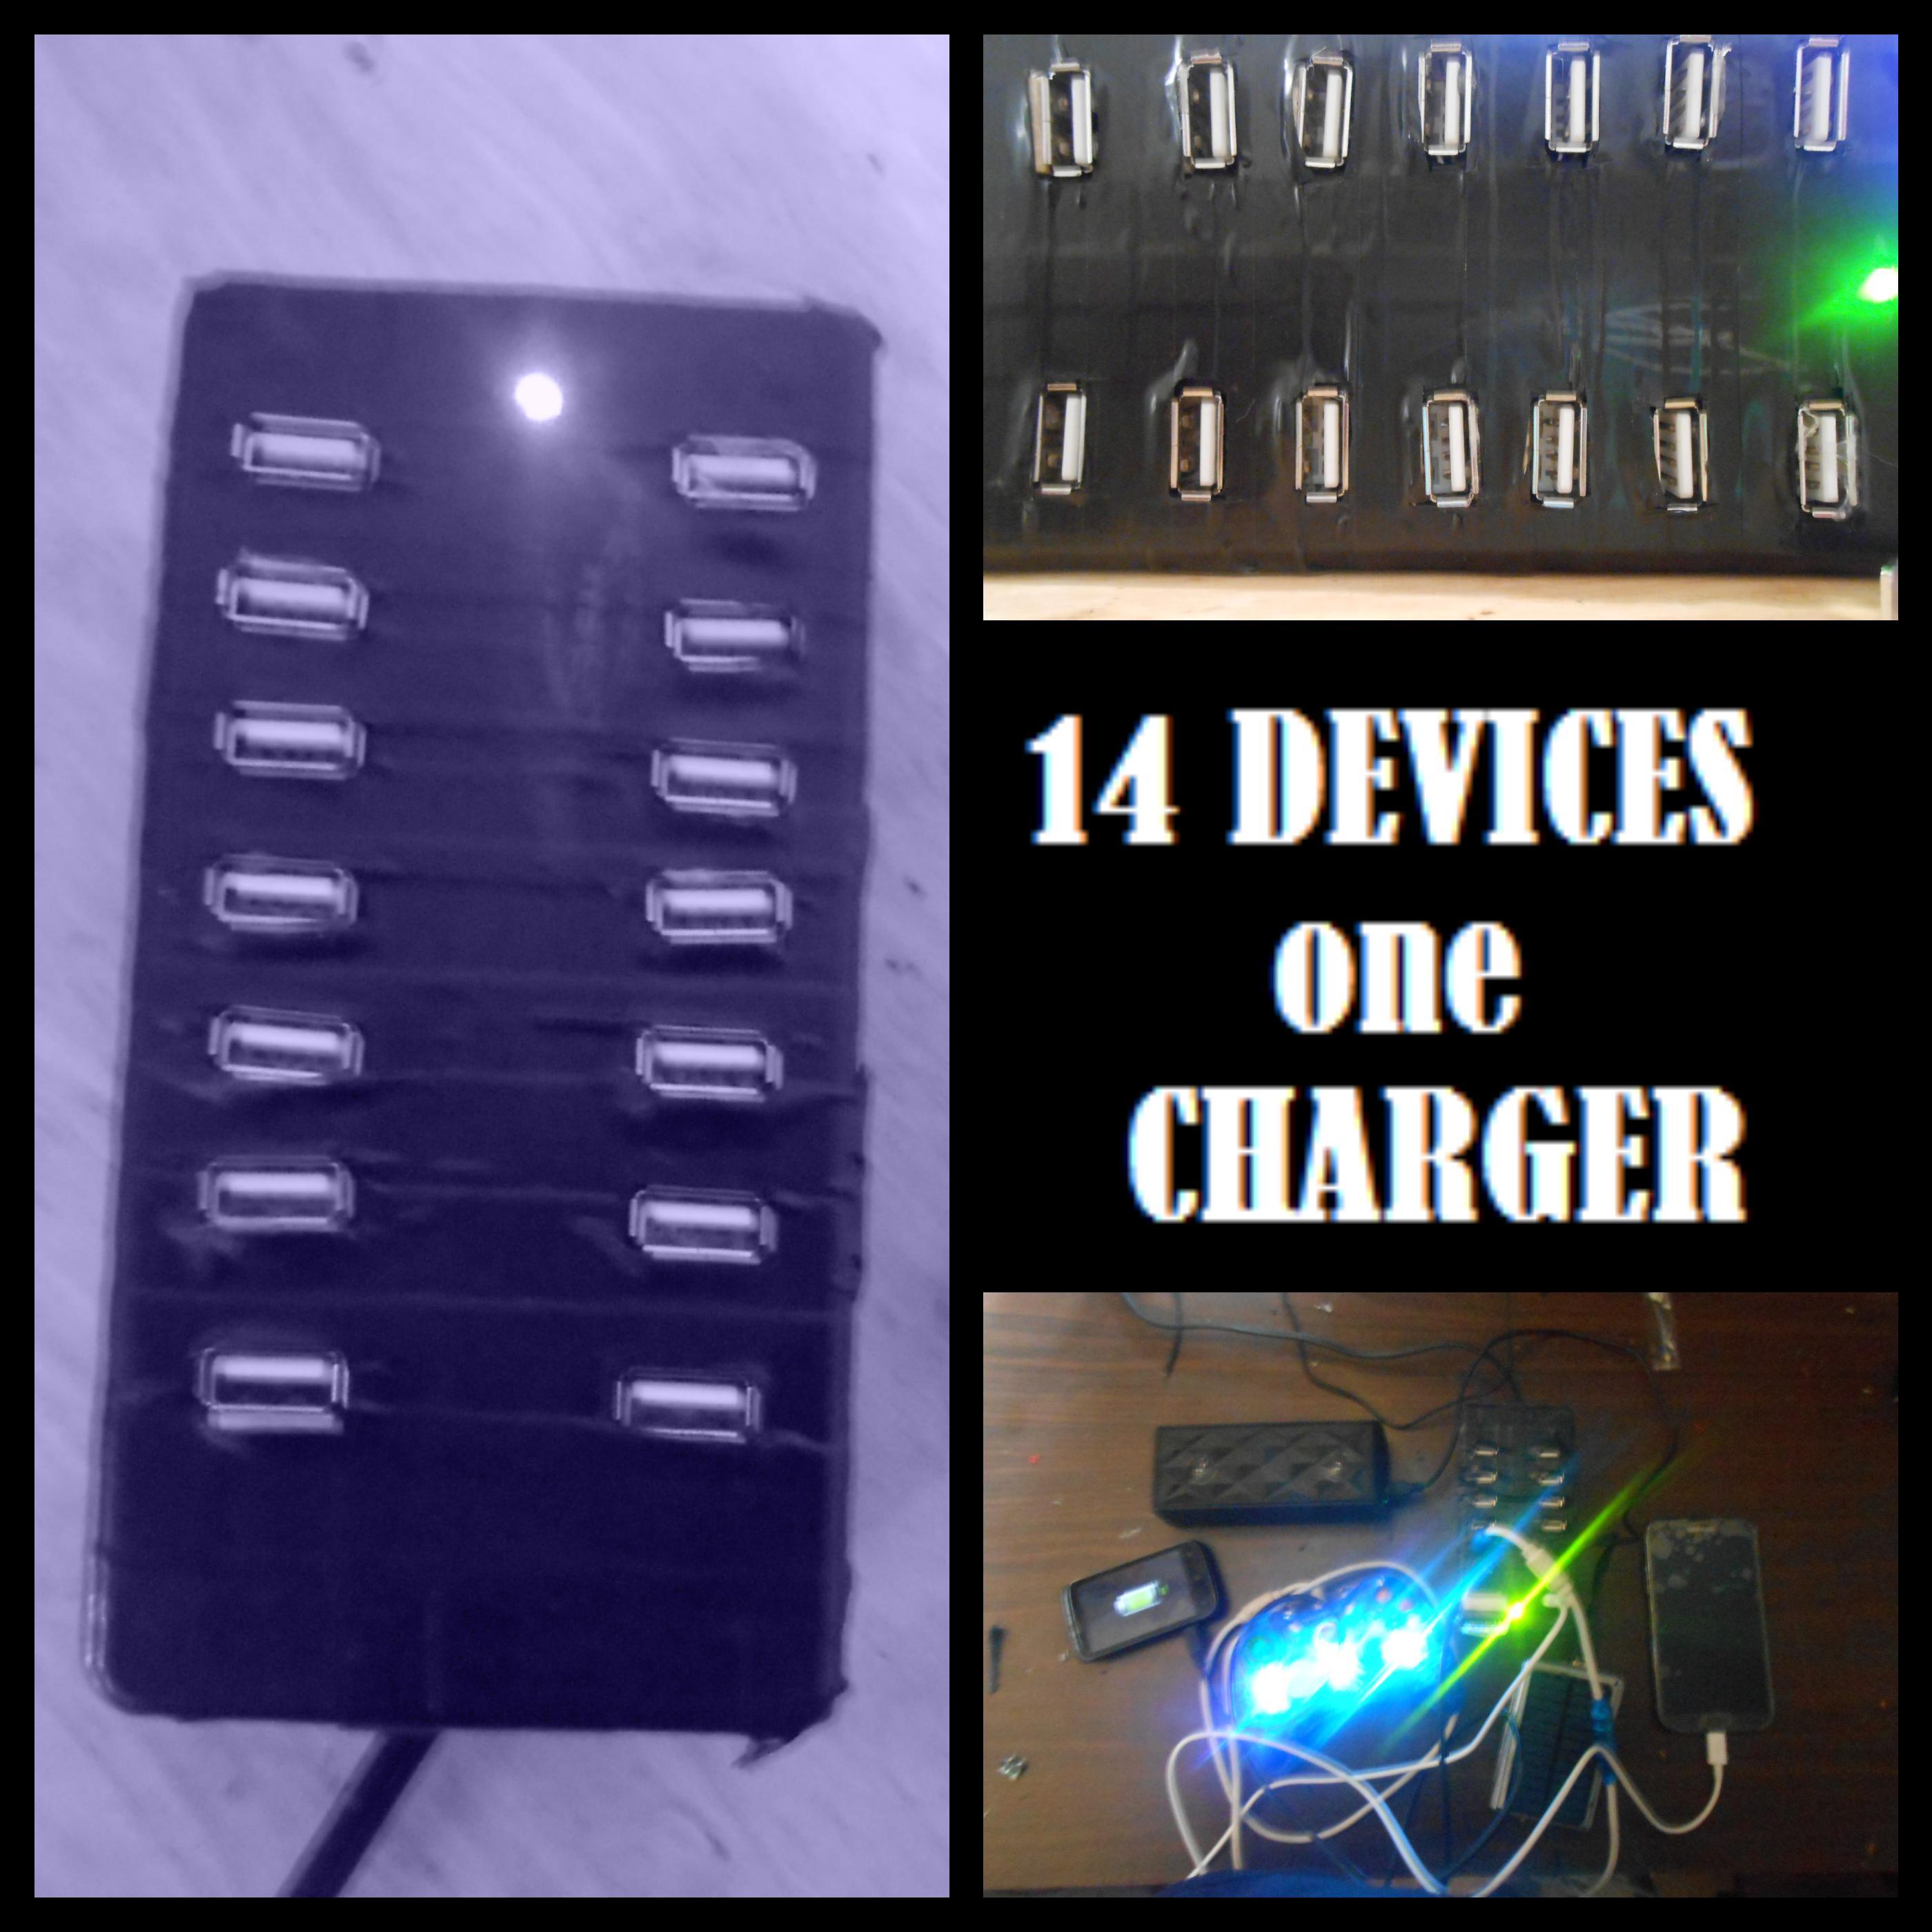 14x USB charging hub!